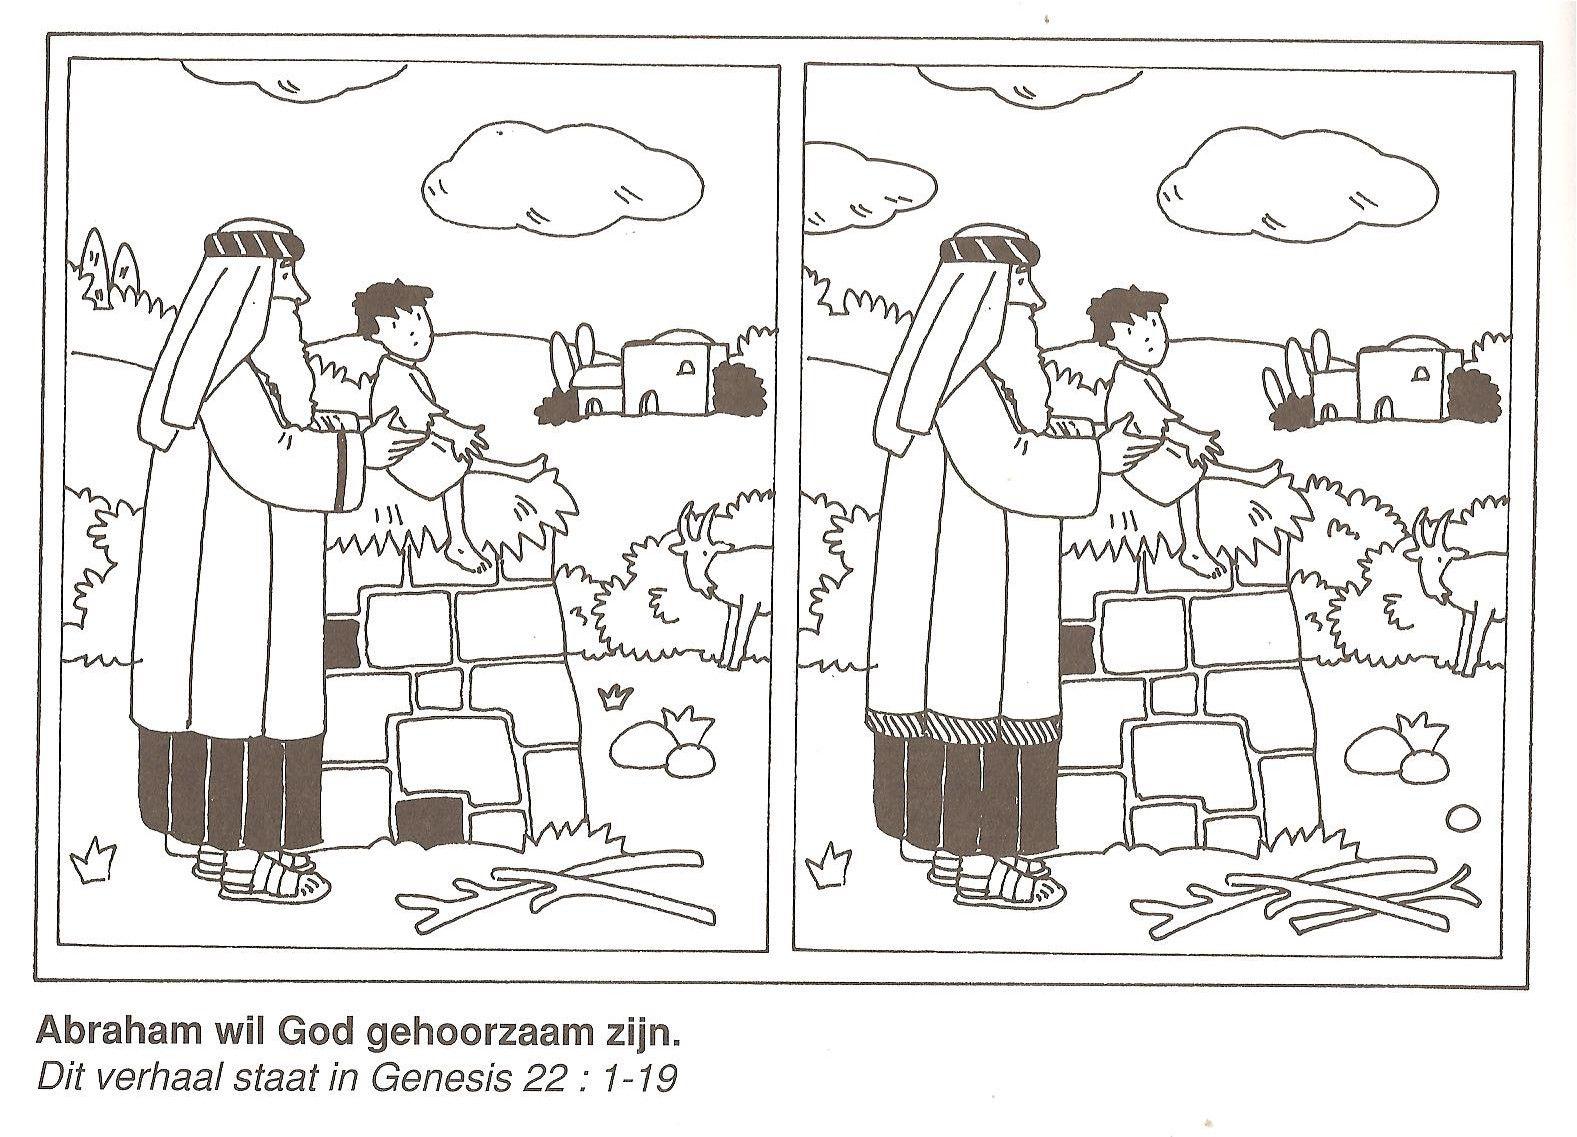 Abraham wil God gehoorzaam zijn [ 1137 x 1577 Pixel ]